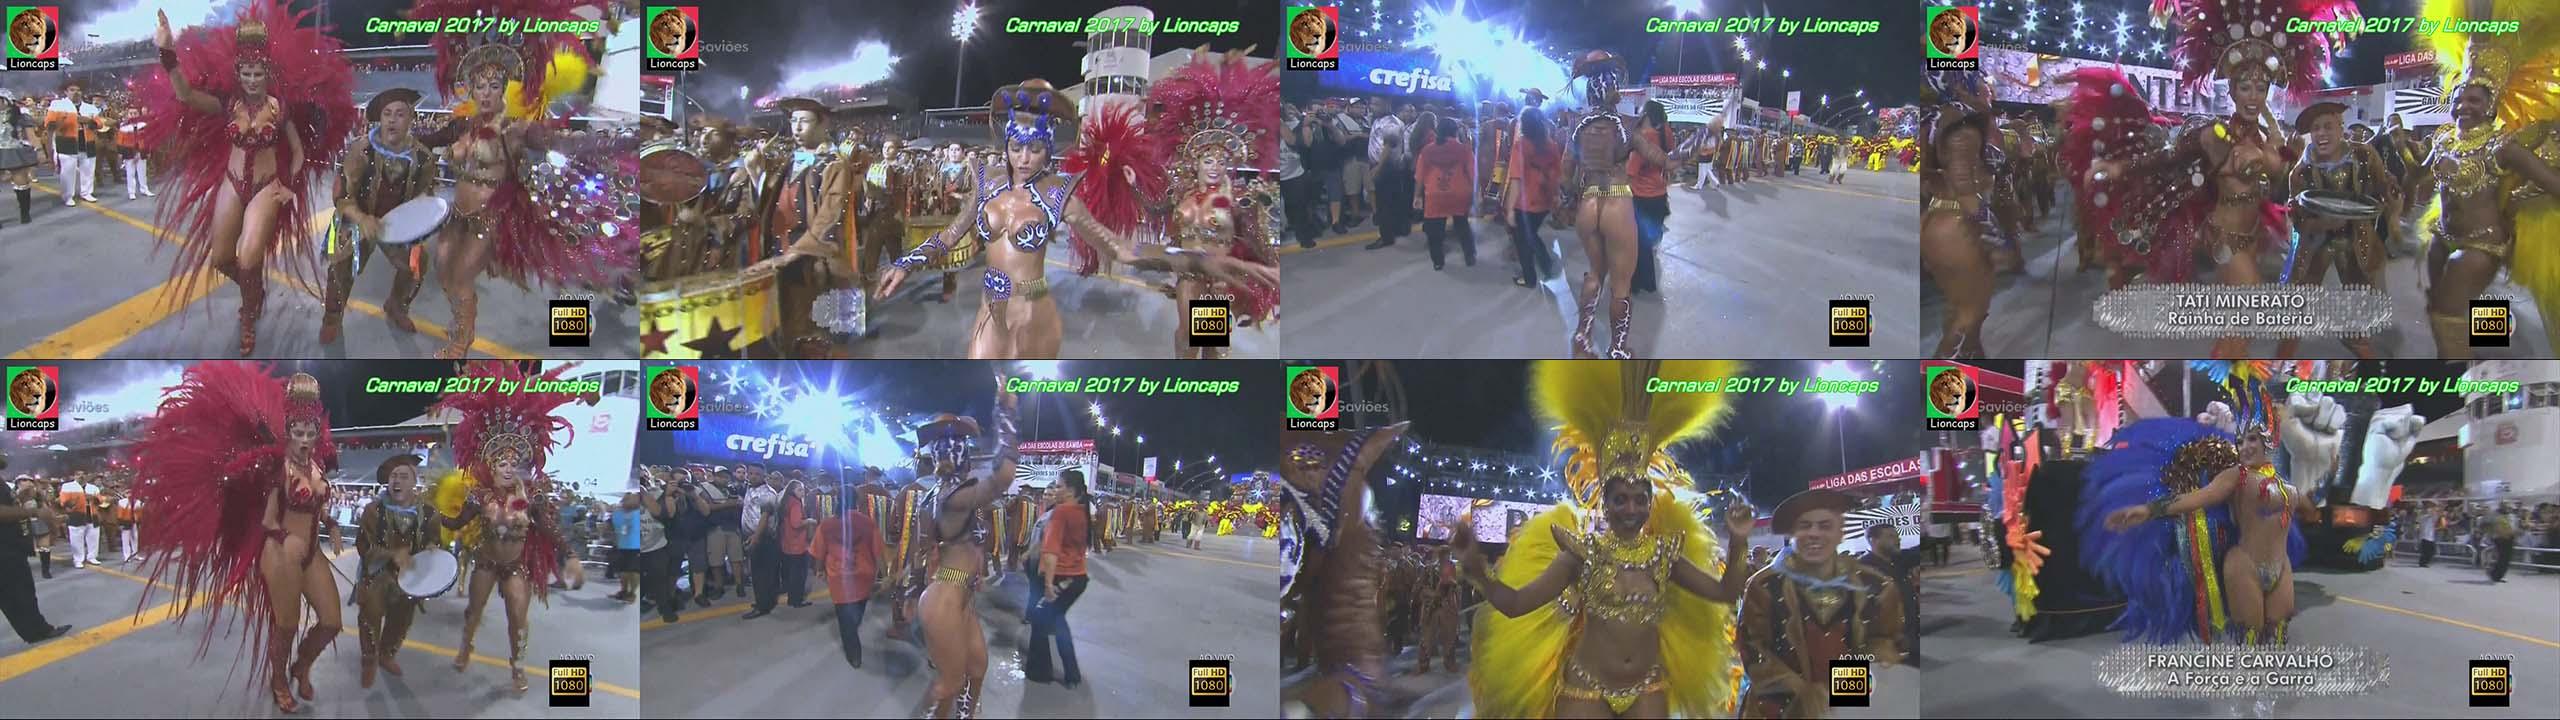 613383976_carnaval2017_1080_lioncaps_15_04_2017_09_122_22lo.jpg